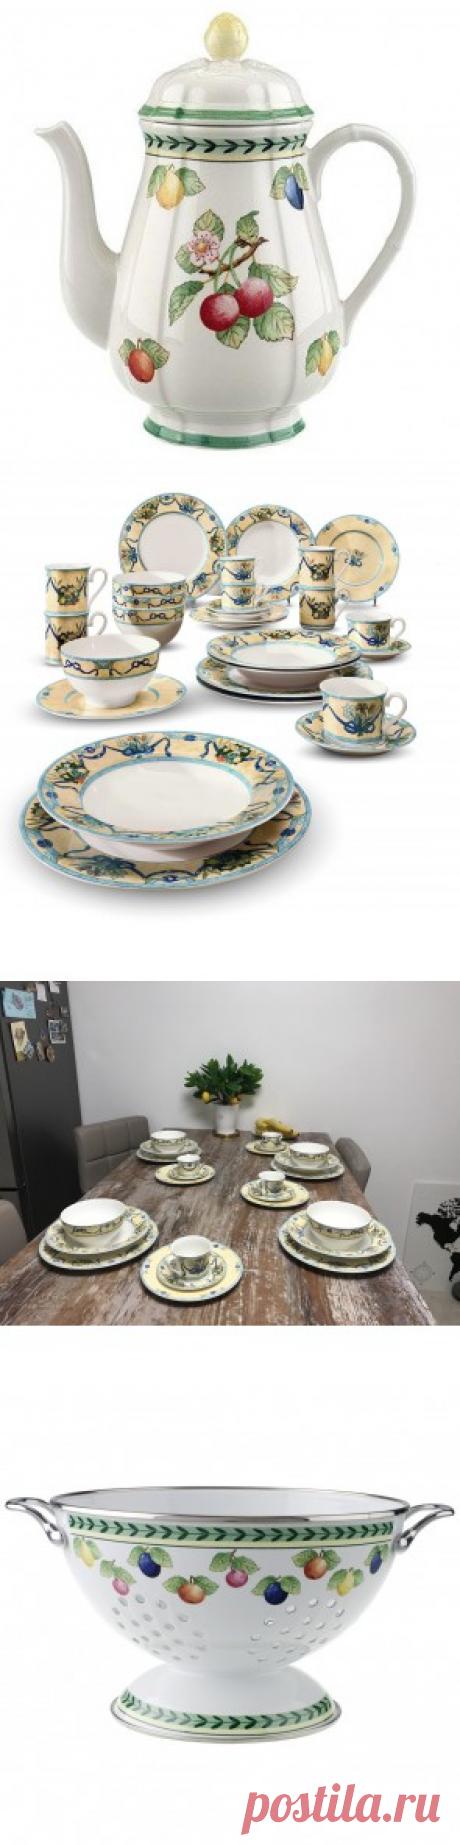 Акция распродажа остатков посуды из Германии Горячая линия: ☎ +7 (499) 403-32-55 https://solamarket.ru